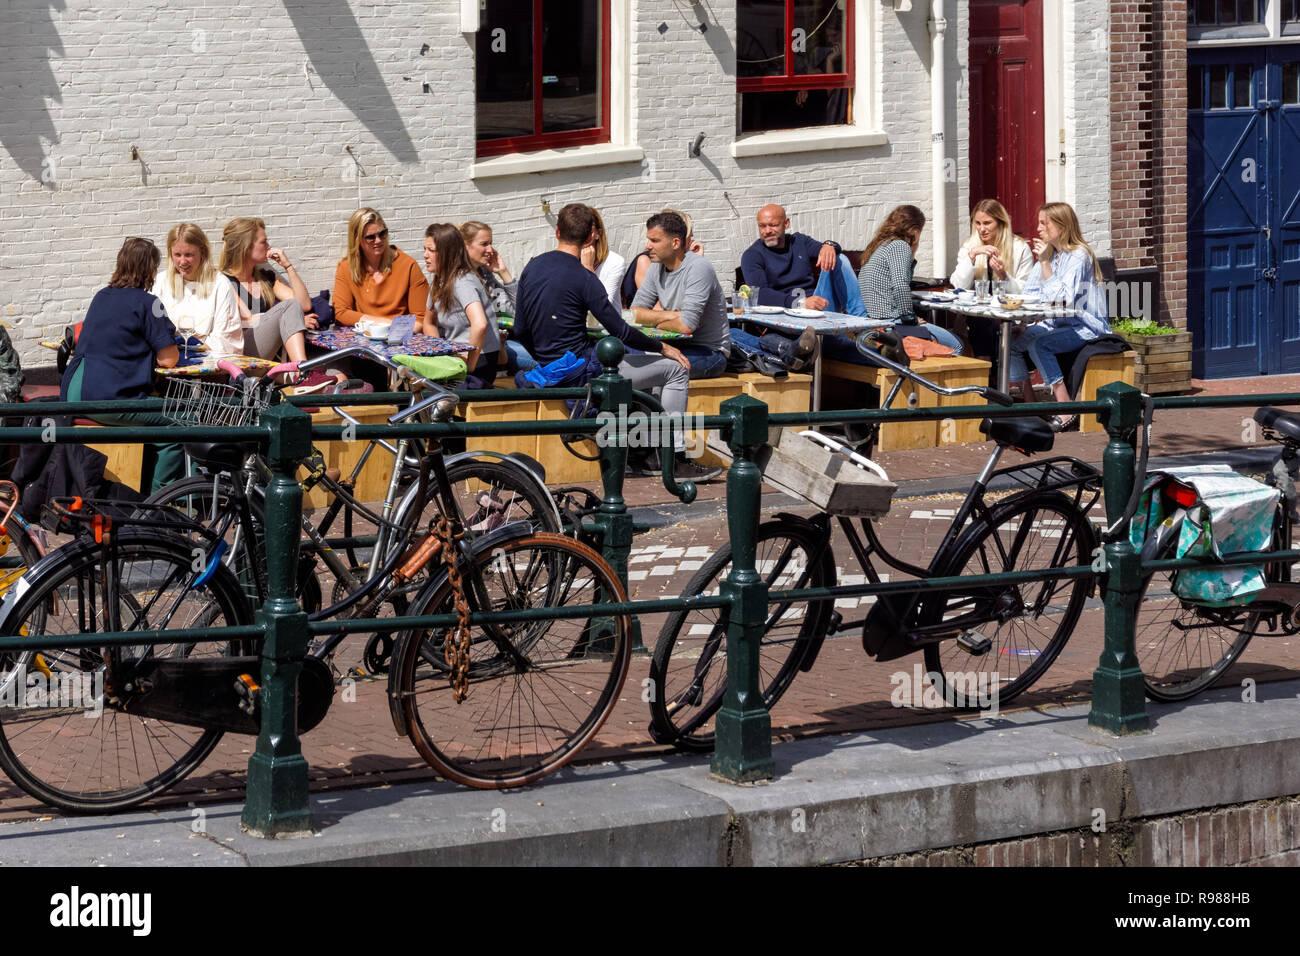 Jóvenes sentados fuera de Festina lente cafe en Ámsterdam, Países Bajos Imagen De Stock